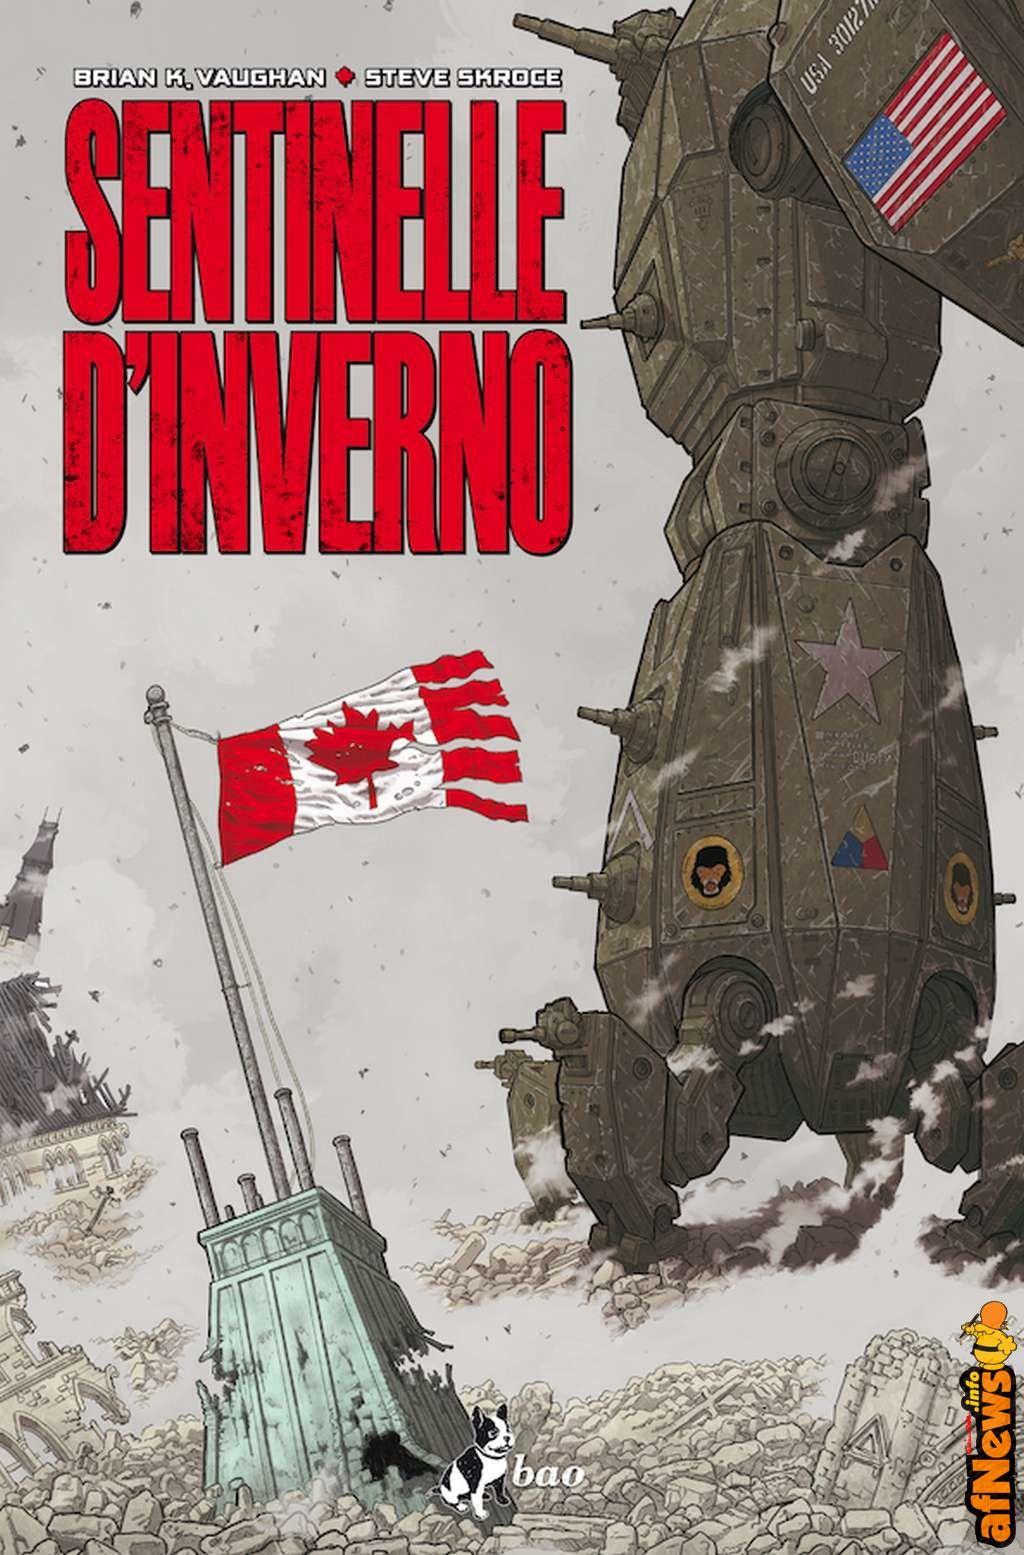 Gli USA invadono il Canada! - http://www.afnews.info/wordpress/2016/11/12/gli-usa-invadono-il-canada/